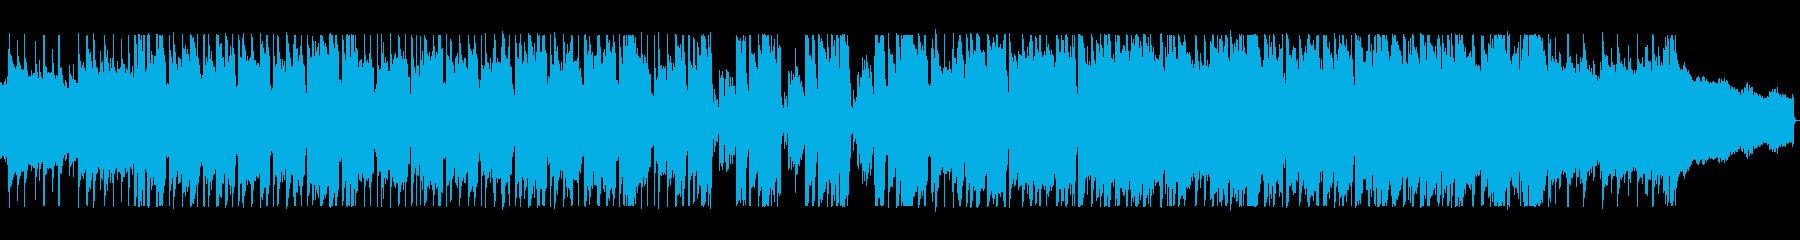 シンセの軽快な旋律が爽快感を与える曲の再生済みの波形